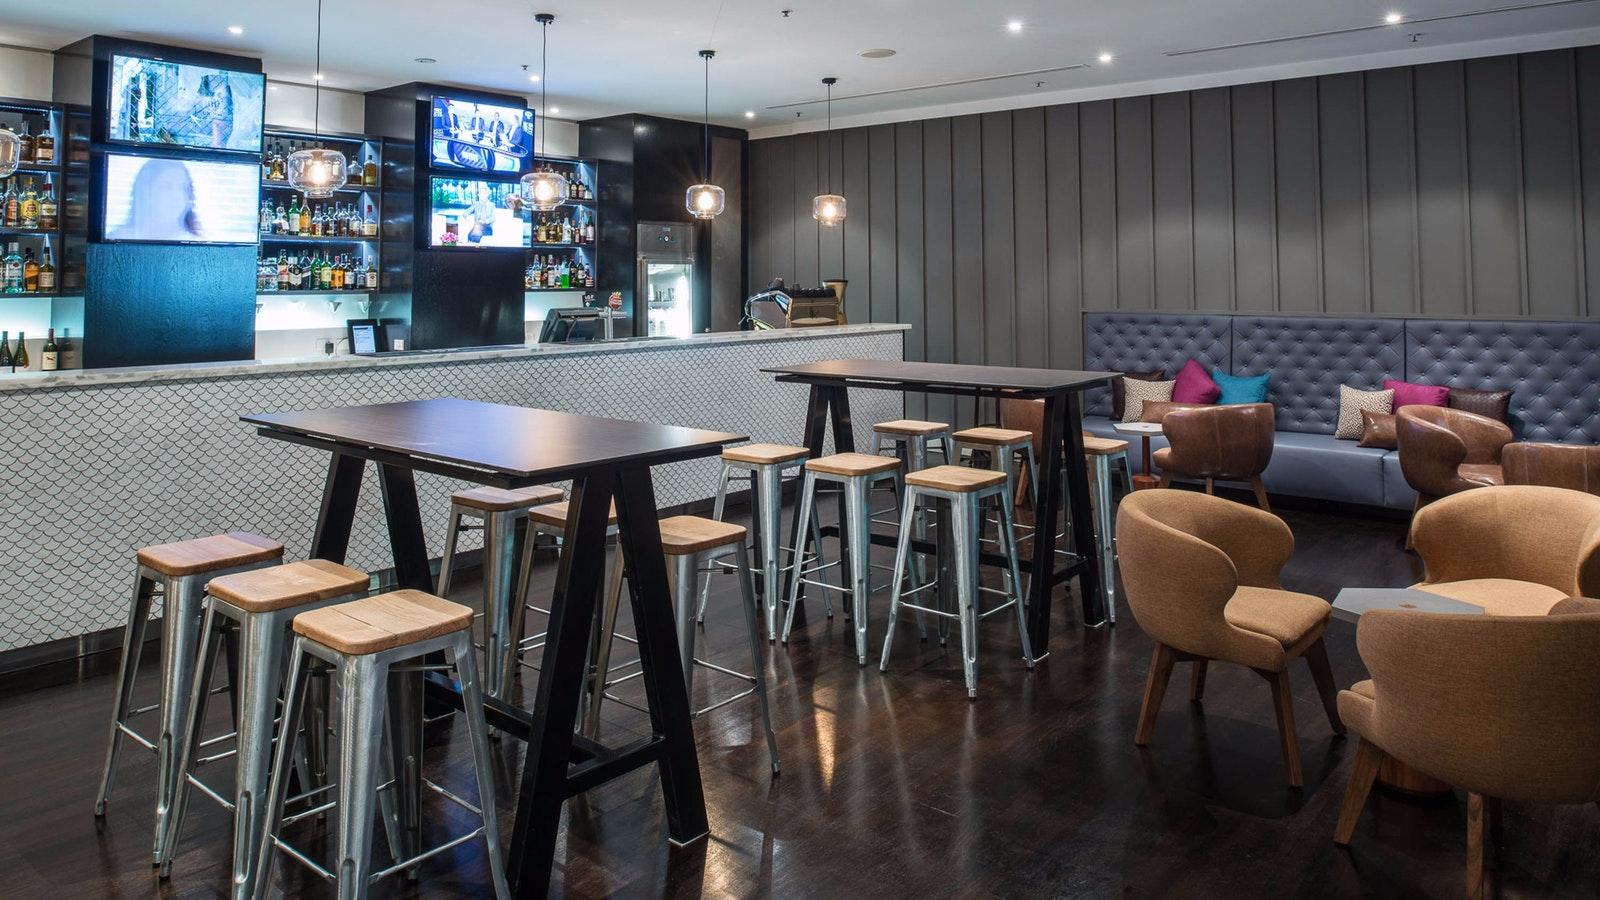 Home Kitchen & Bar